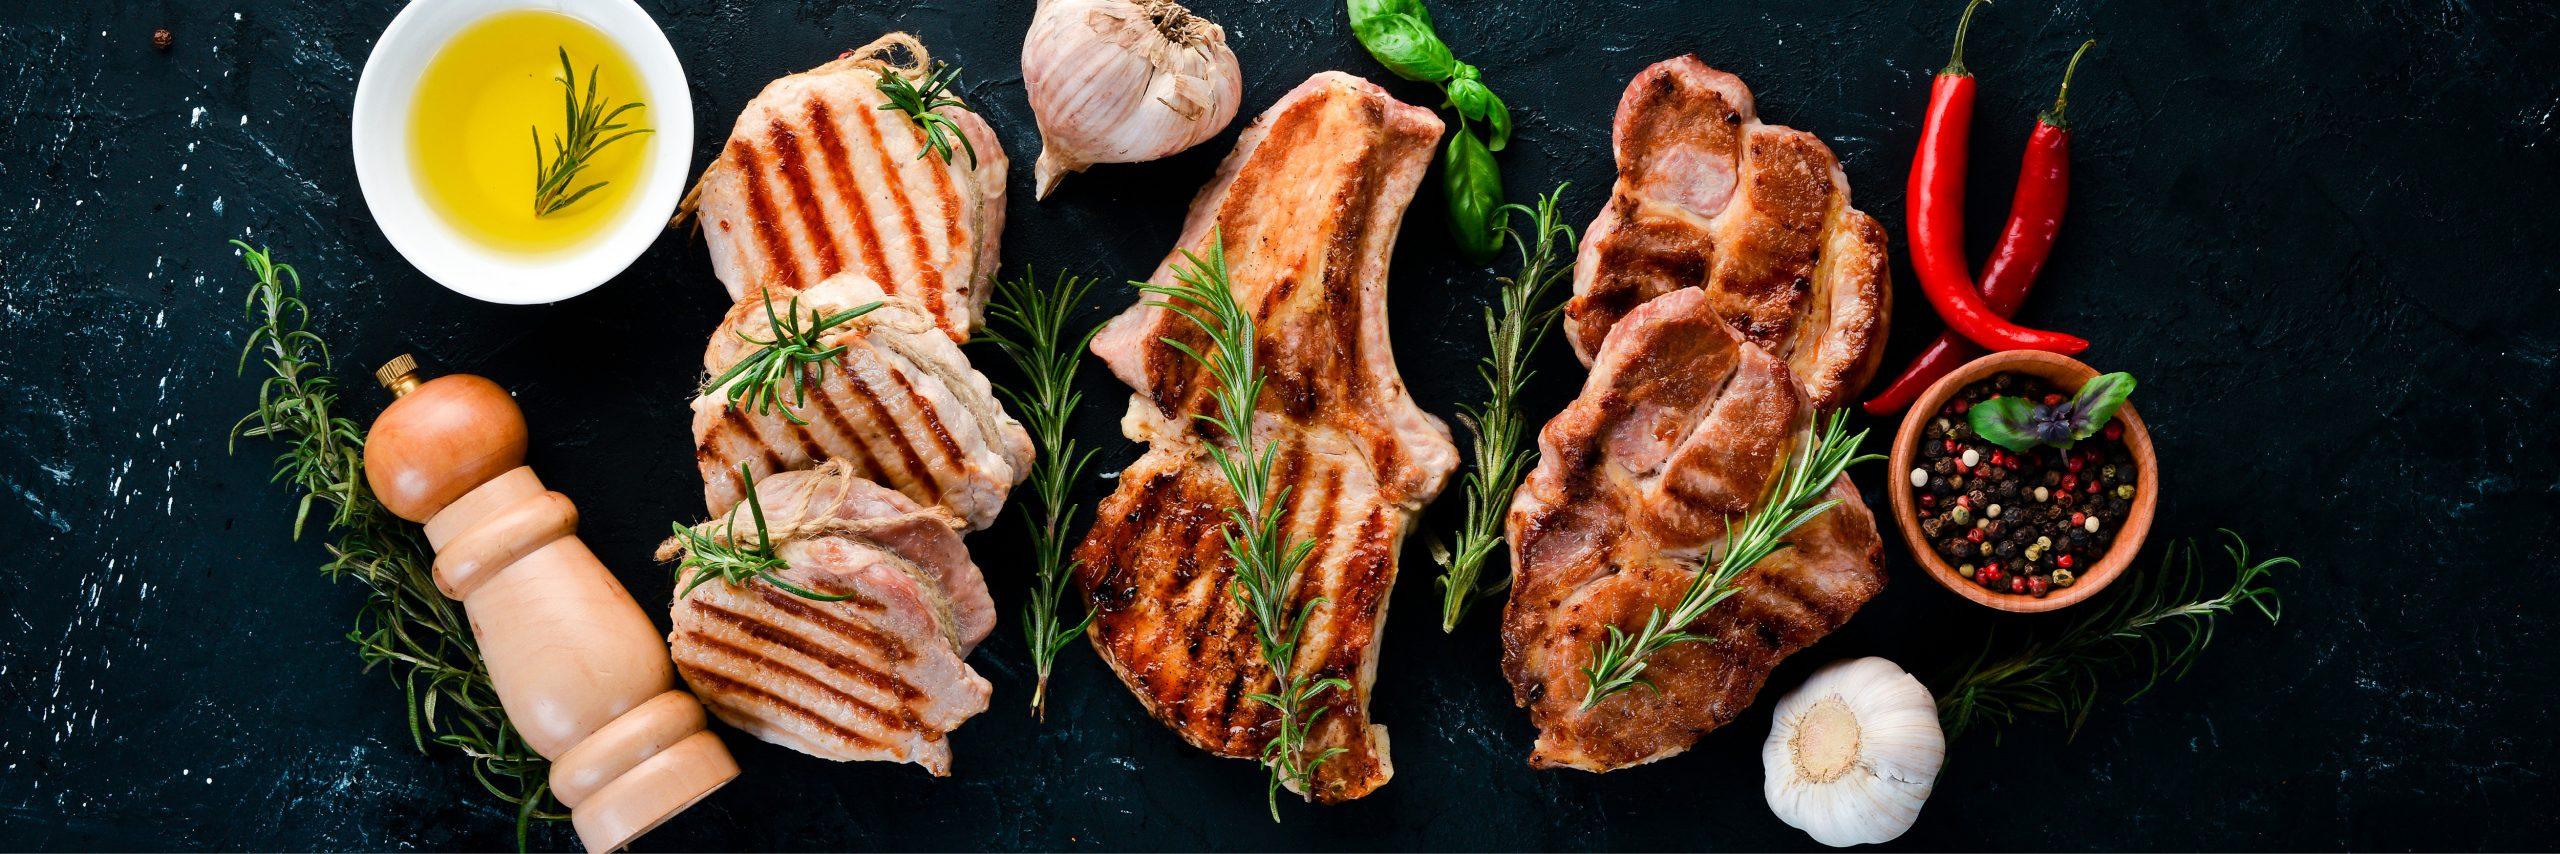 October is National Pork Month